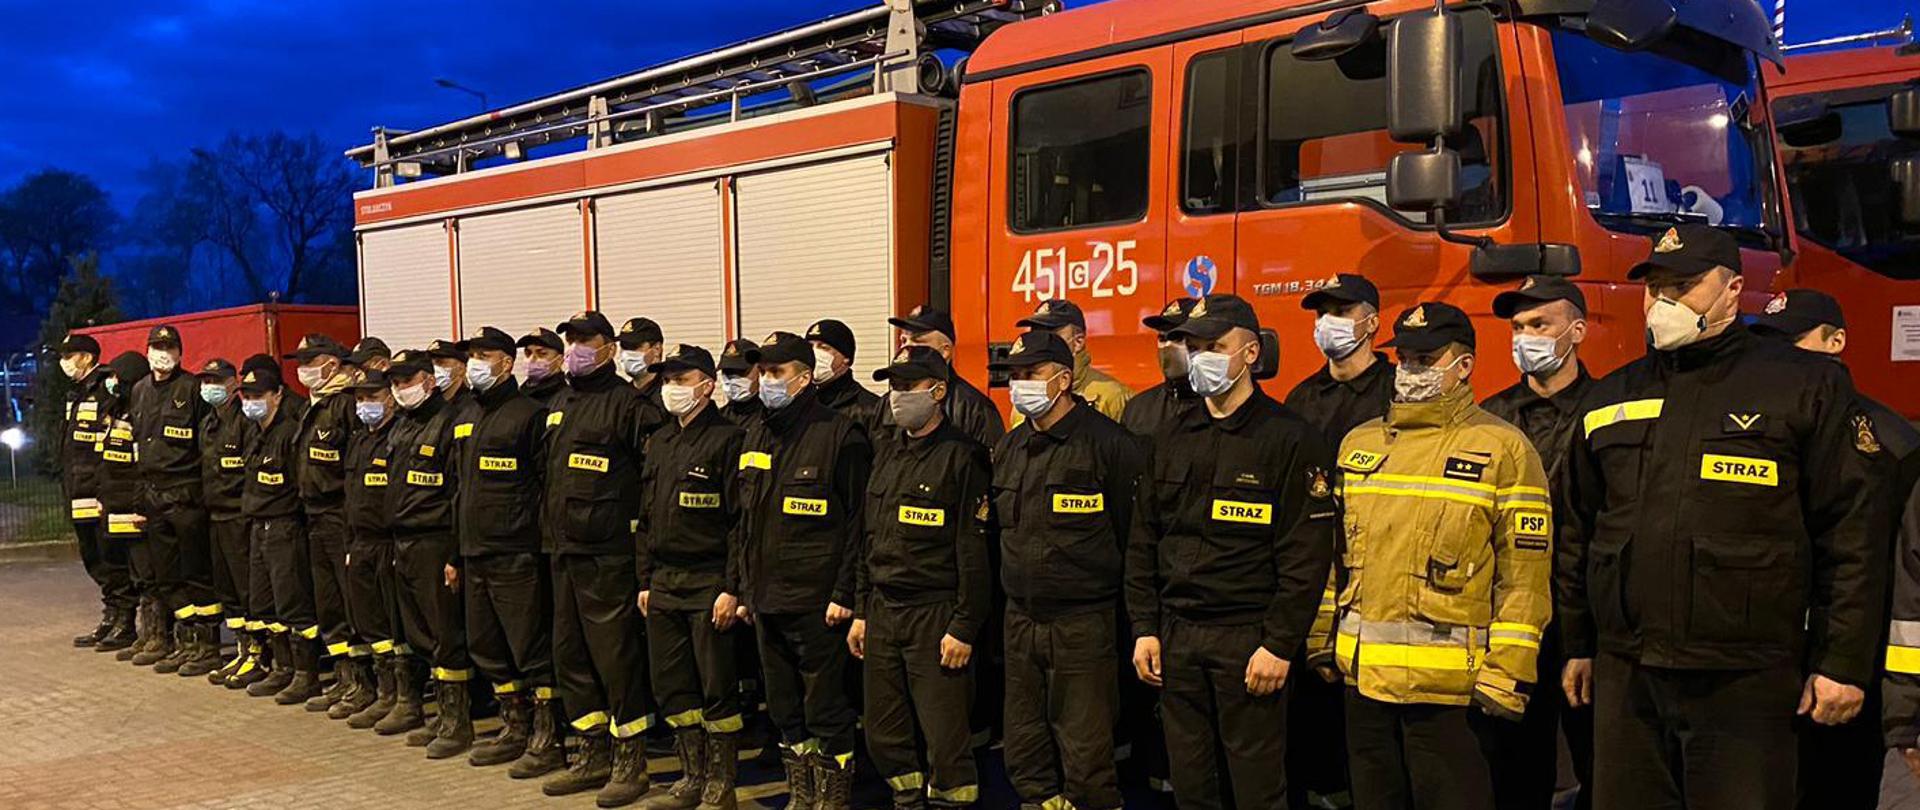 Strażacy z maseczkami zakrywającymi nos i twarz, stojący w dwuszeregu, na tle ciężkiego samochodu gaśniczego.